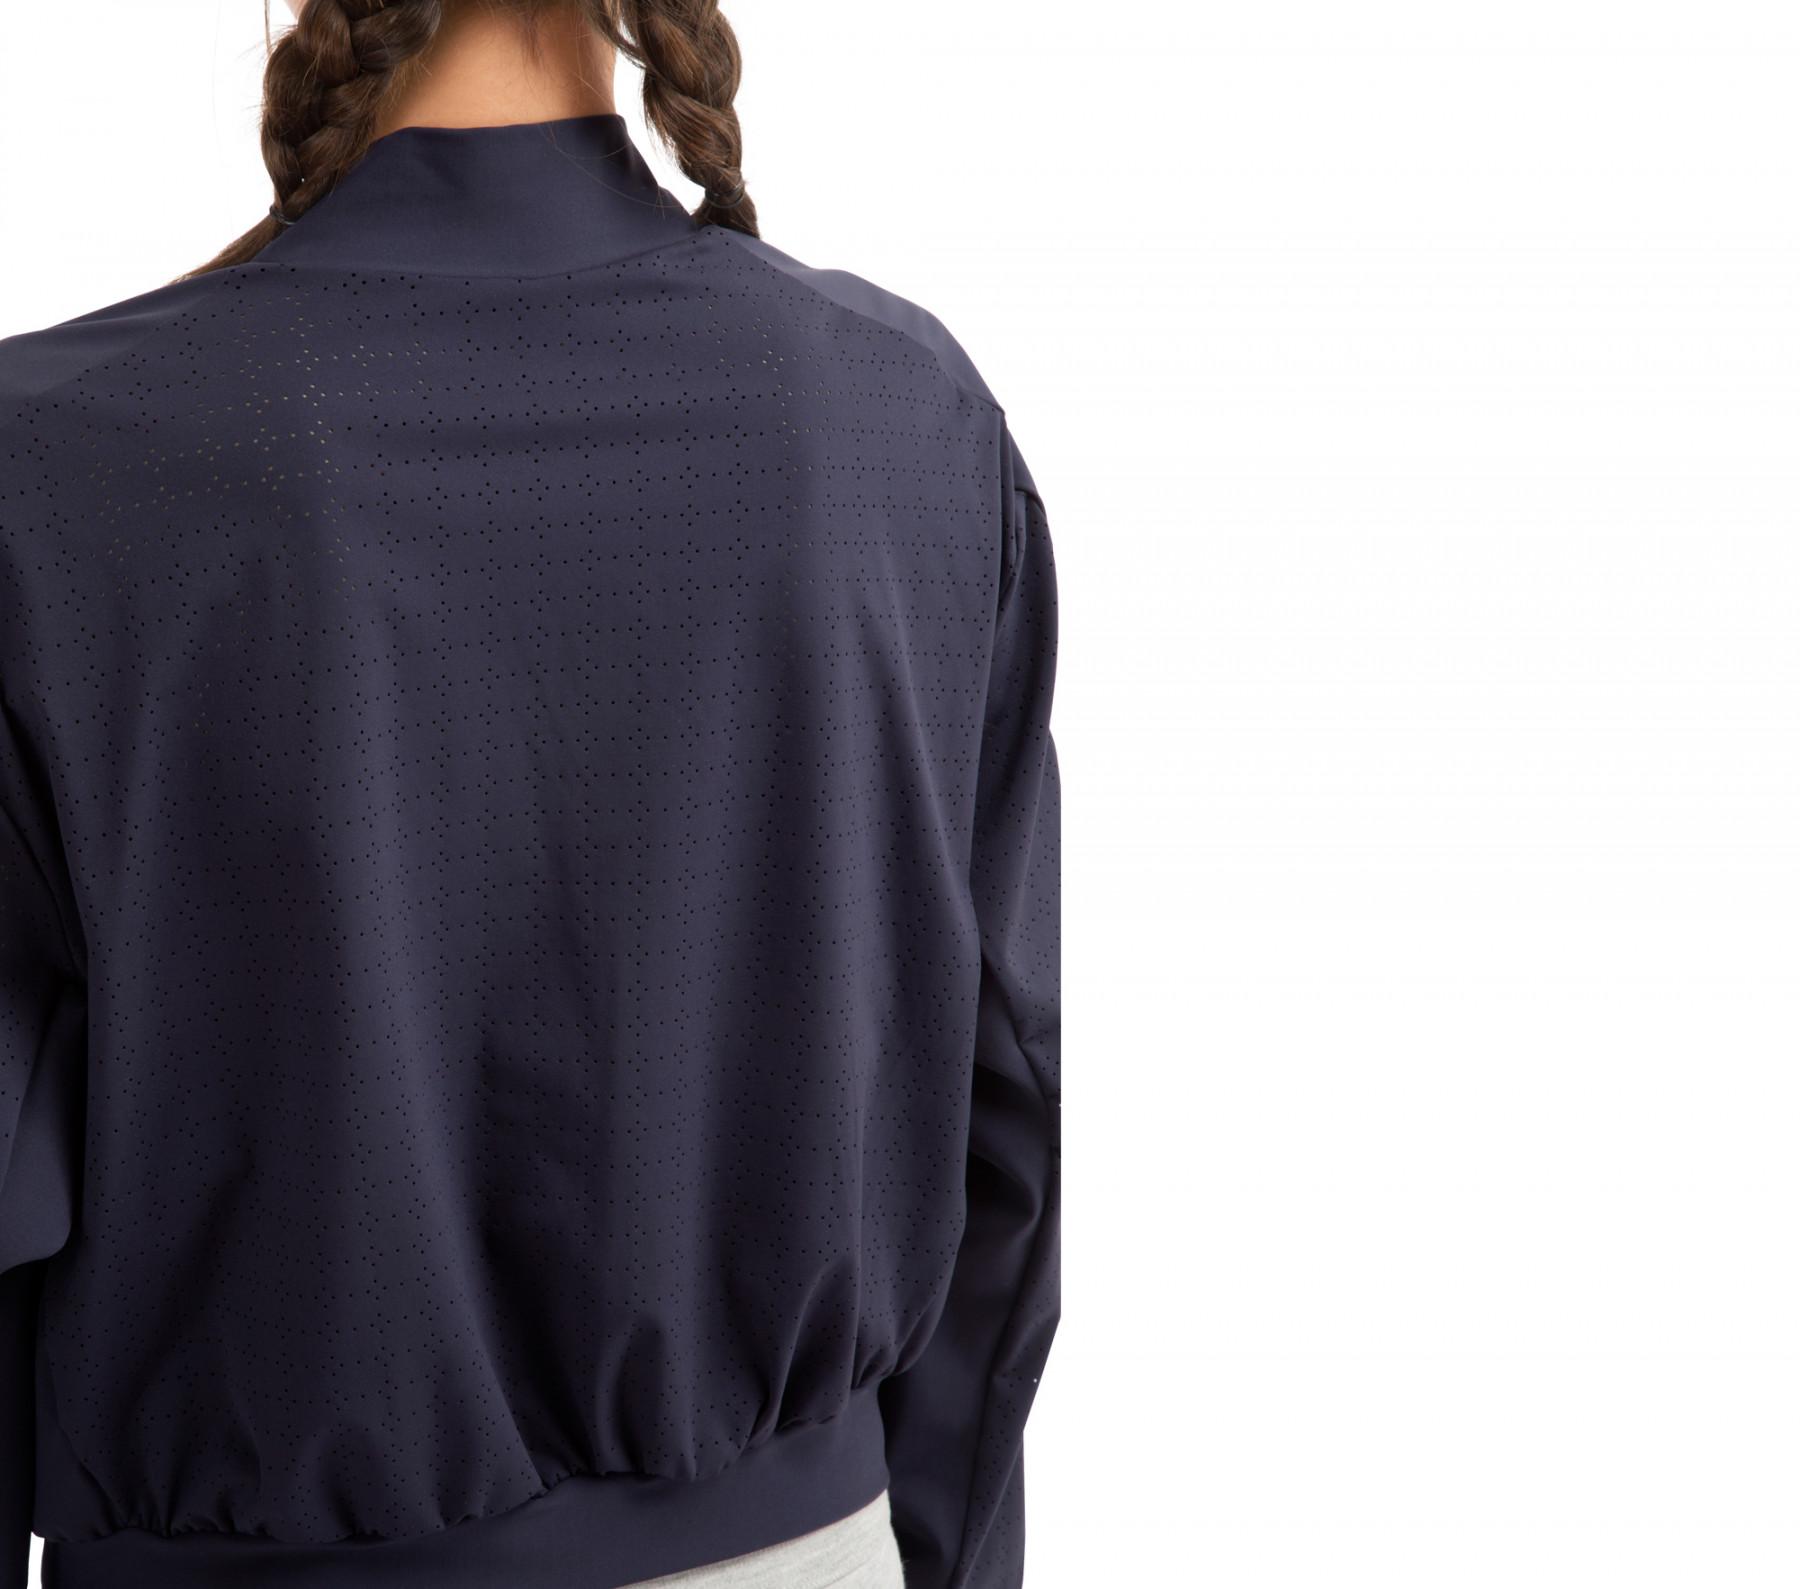 Perforierte Jacke hochelastisch